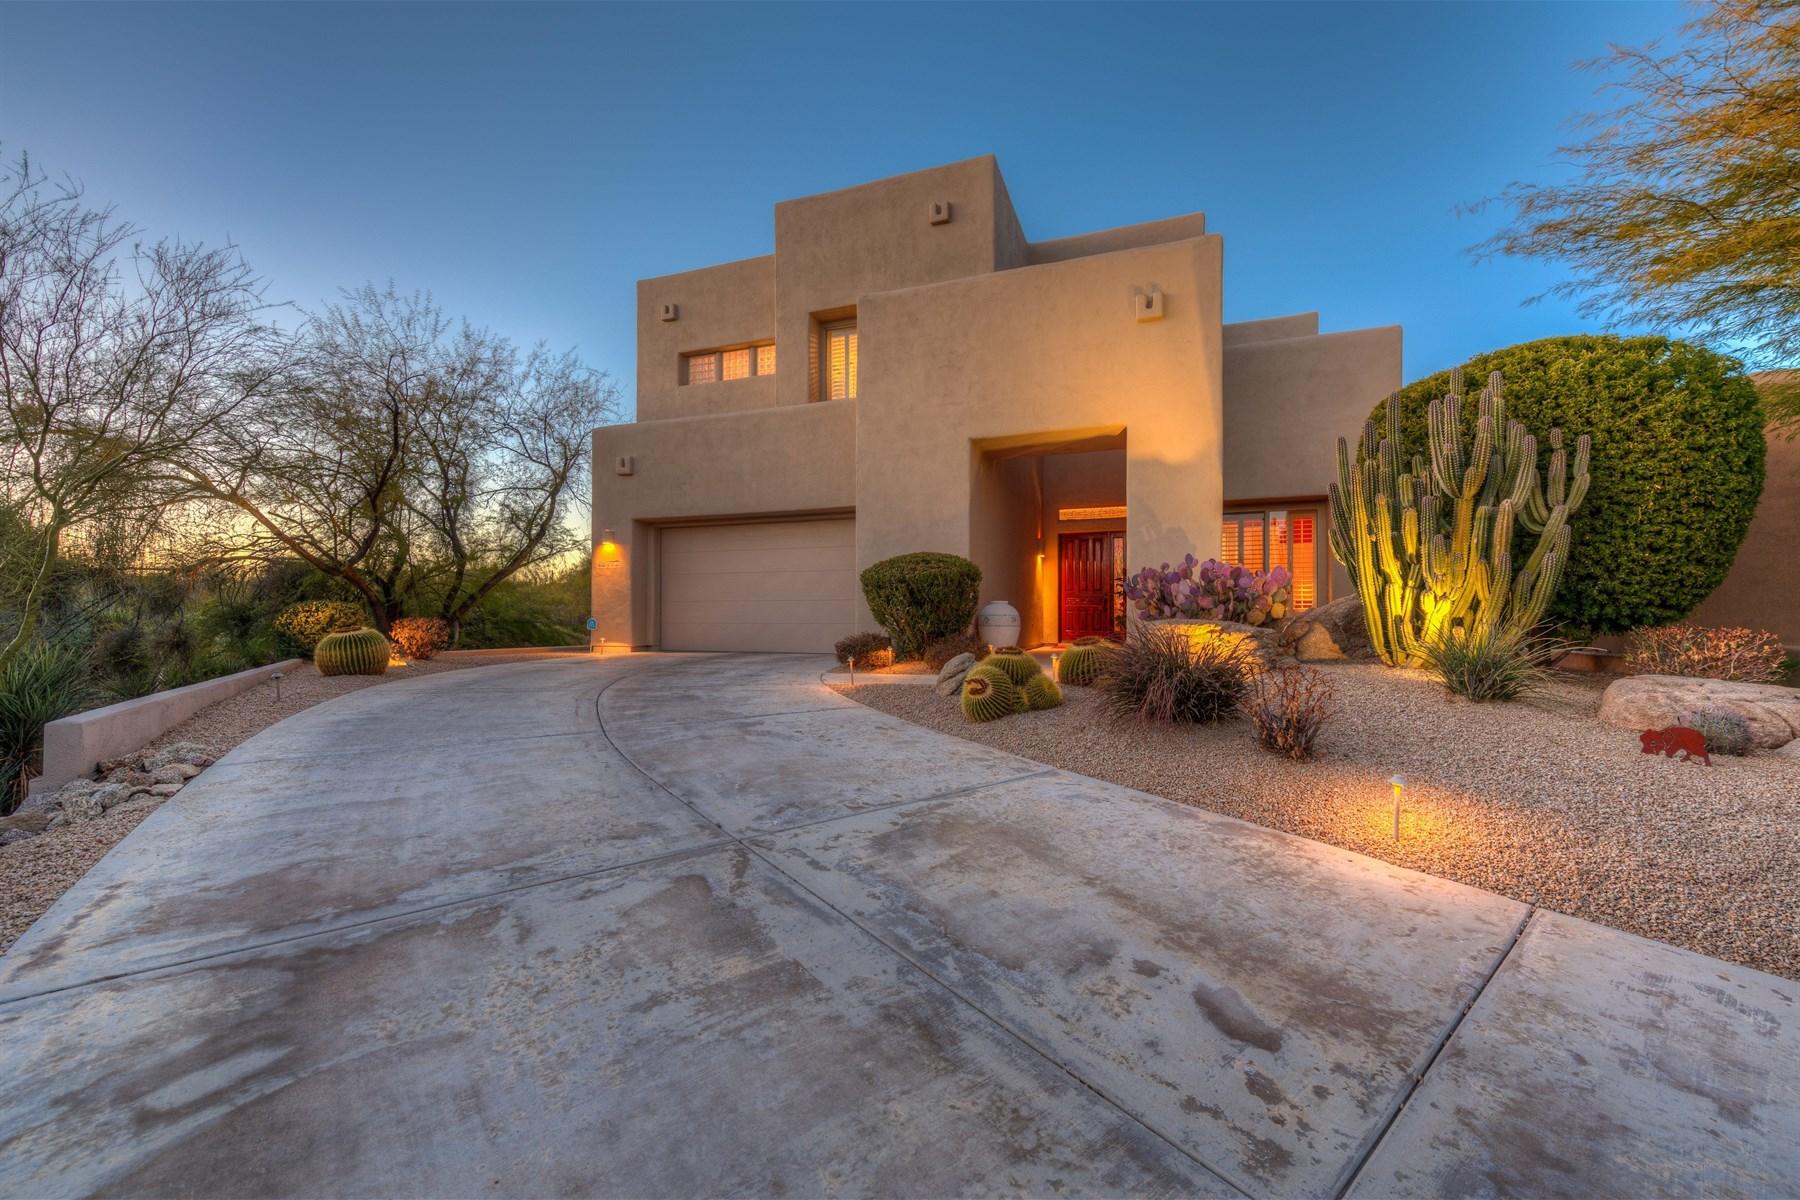 獨棟家庭住宅 為 出售 在 Immaculate territorial-inspired home 10772 E Running Deer Trail Scottsdale, 亞利桑那州, 85262 美國